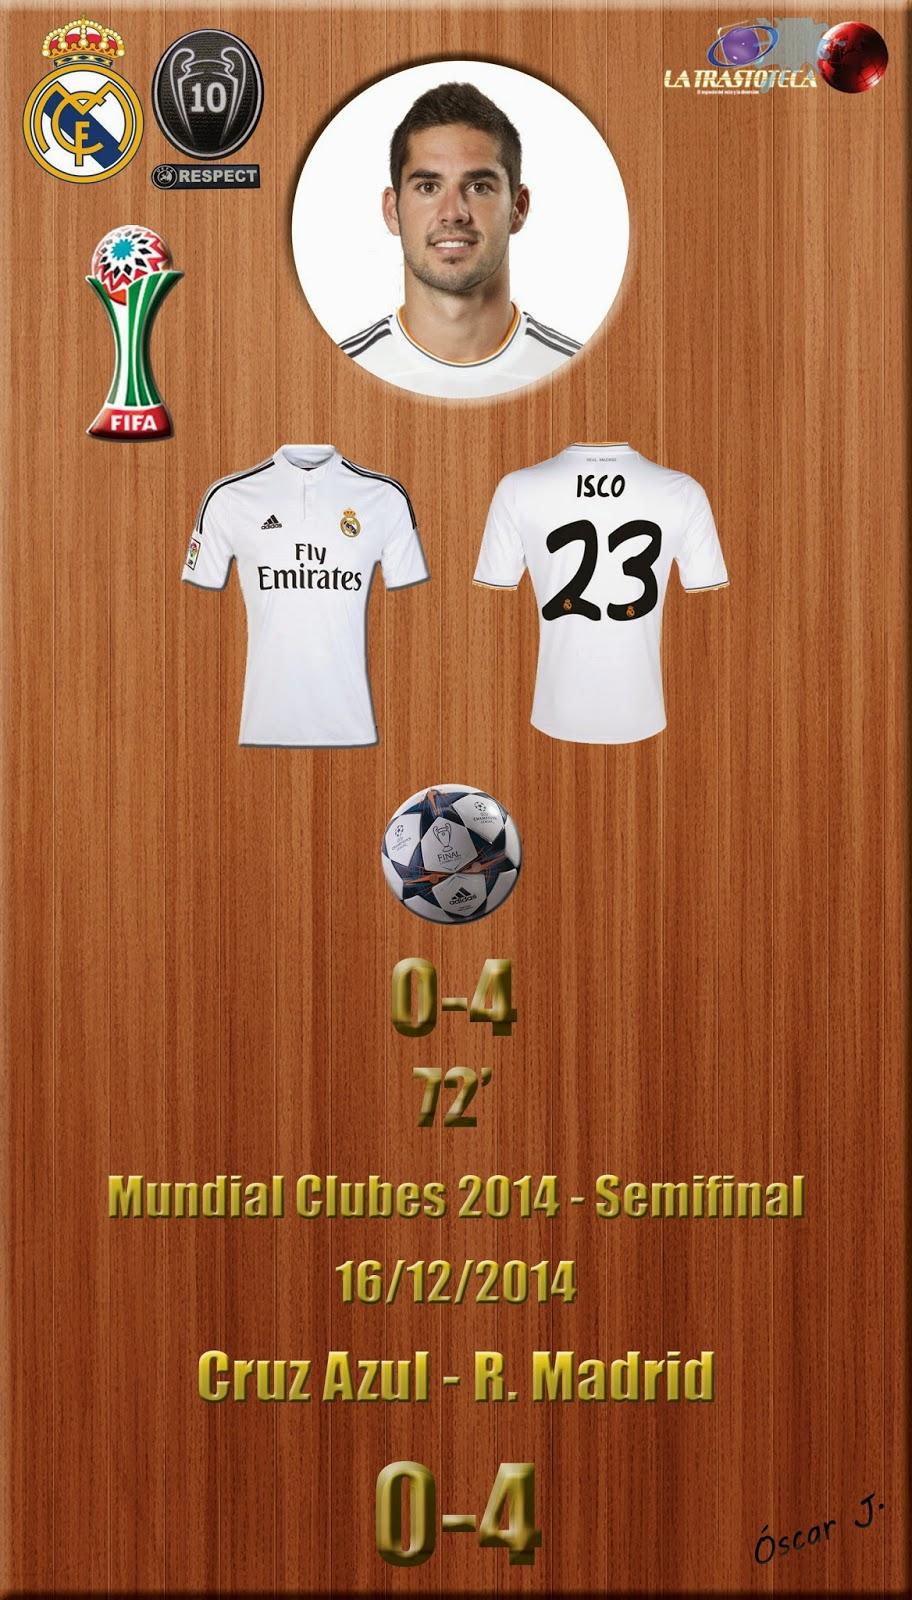 Isco (0-4) - Cruz Azul 0-4 Real Madrid - Mundial de Clubes de la FIFA MARRUECOS 2014 - Semifinales (16/12/2014)